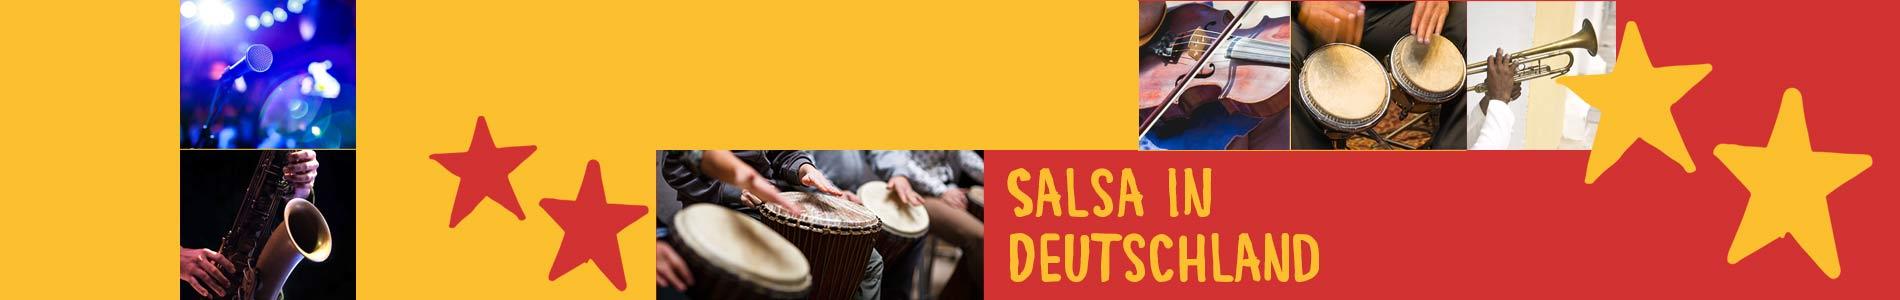 Salsa in Burggen – Salsa lernen und tanzen, Tanzkurse, Partys, Veranstaltungen